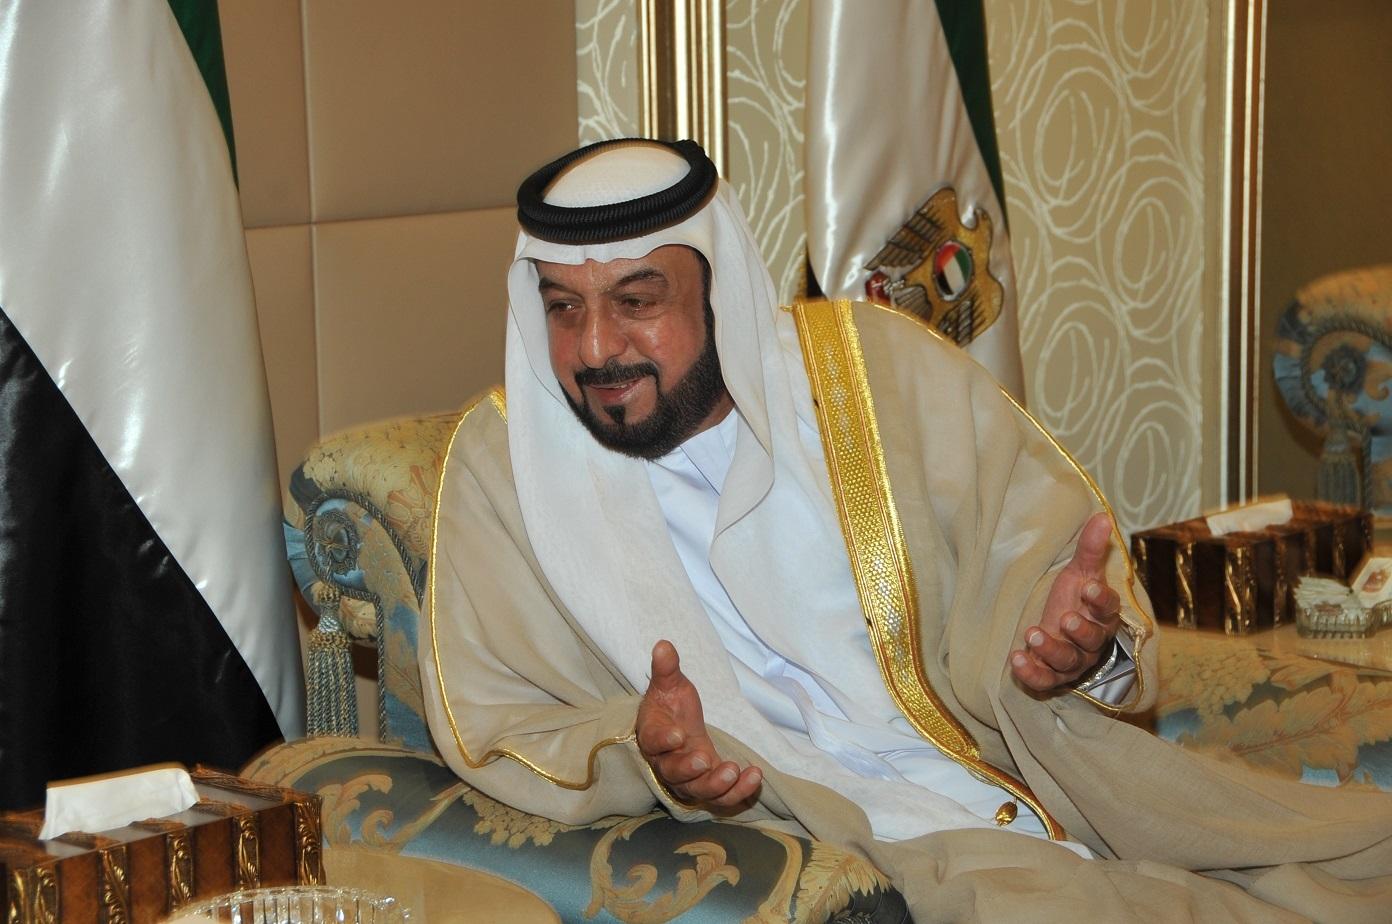 ترسيبات بنما: خليفة بن زايد بن سلطان آل نهيان  اغنى اغنياء العالم له قصر من سبعة طوابق في جزيرة سيشل